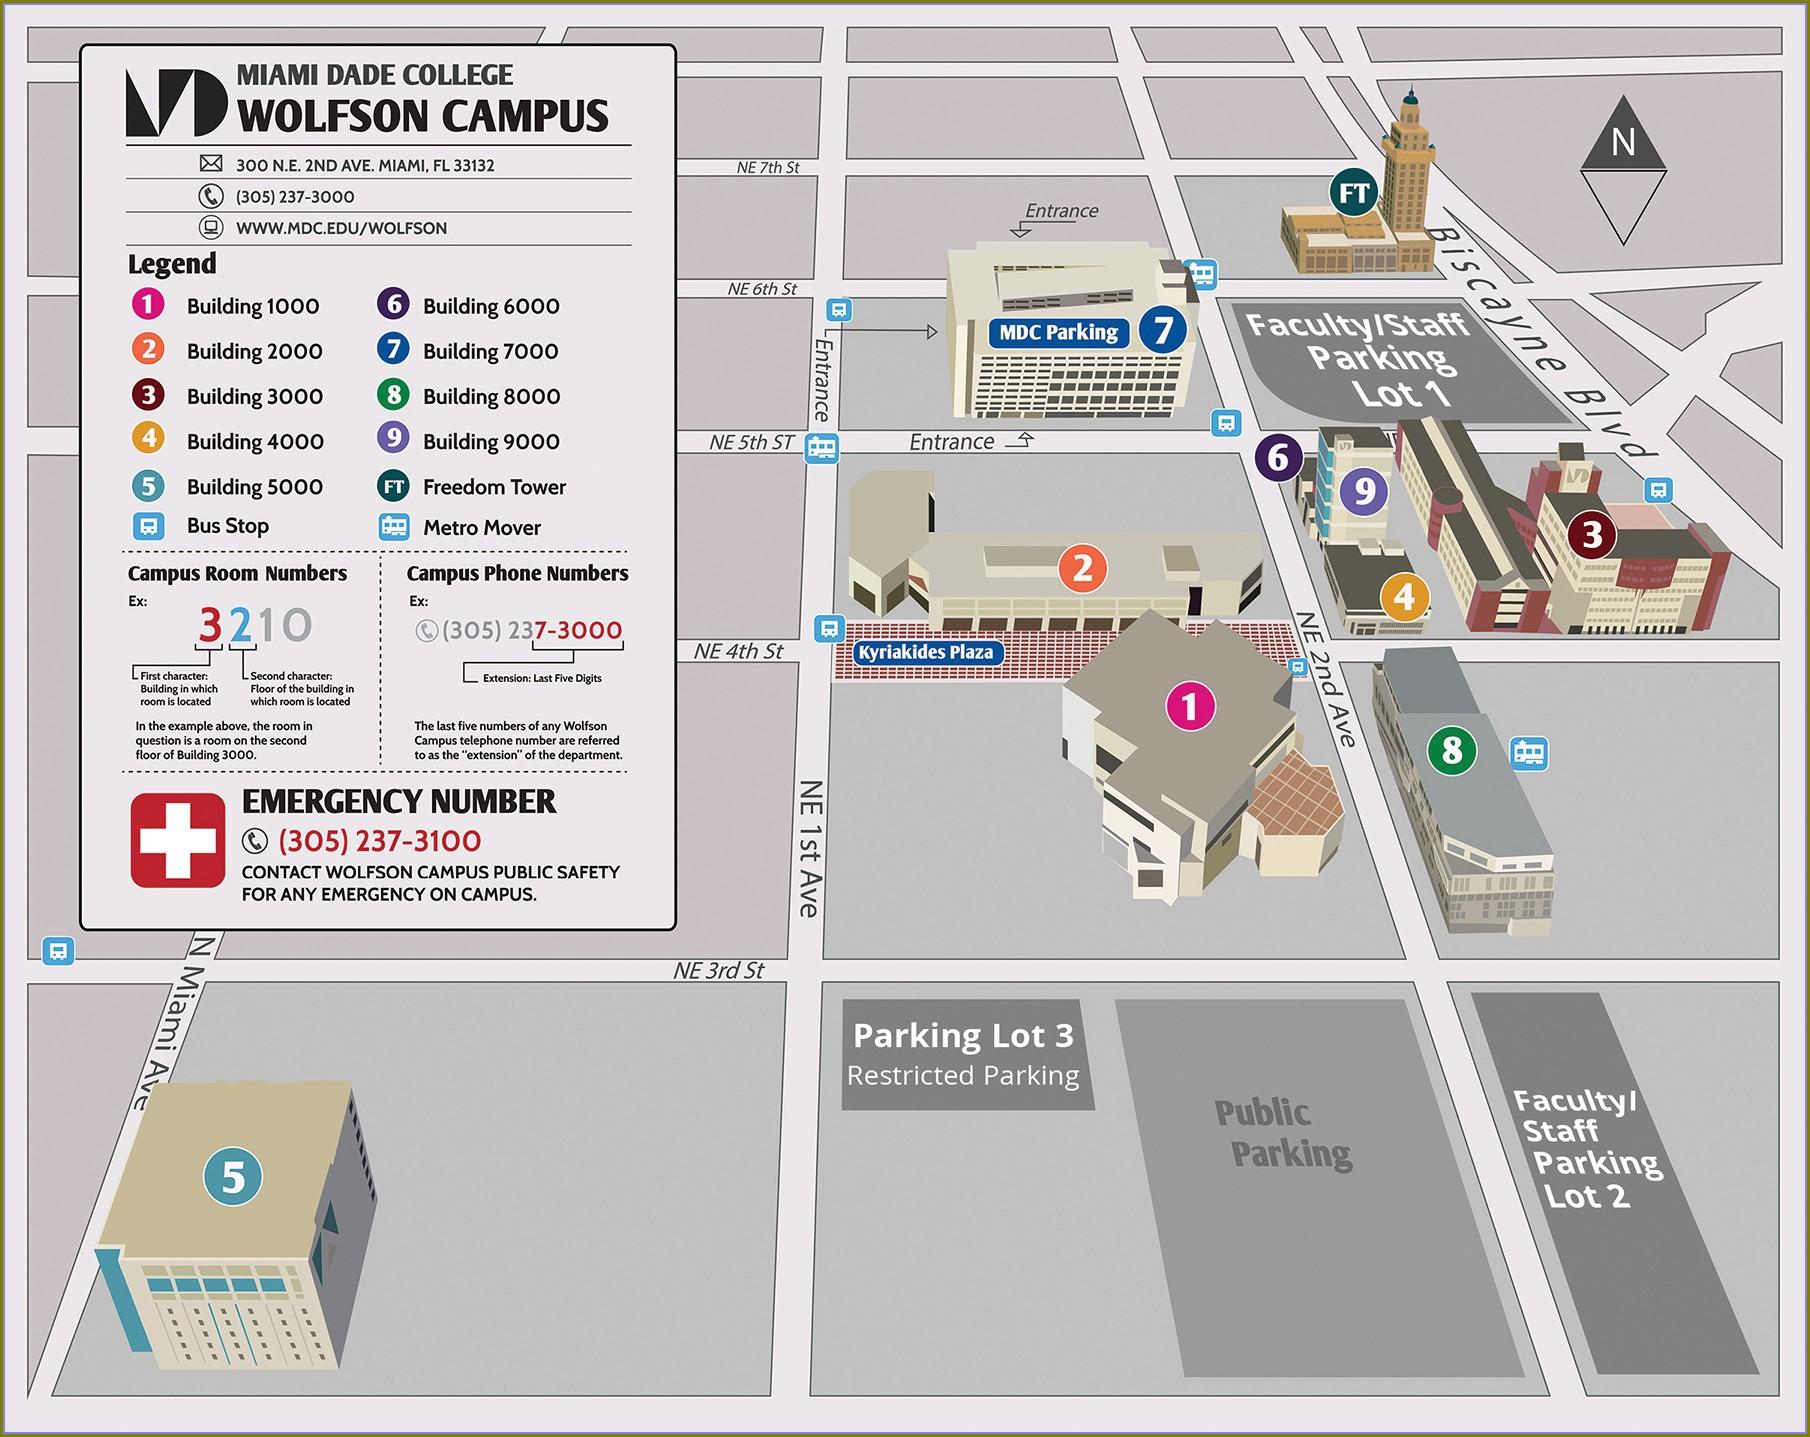 Miami Dade College Campus Map